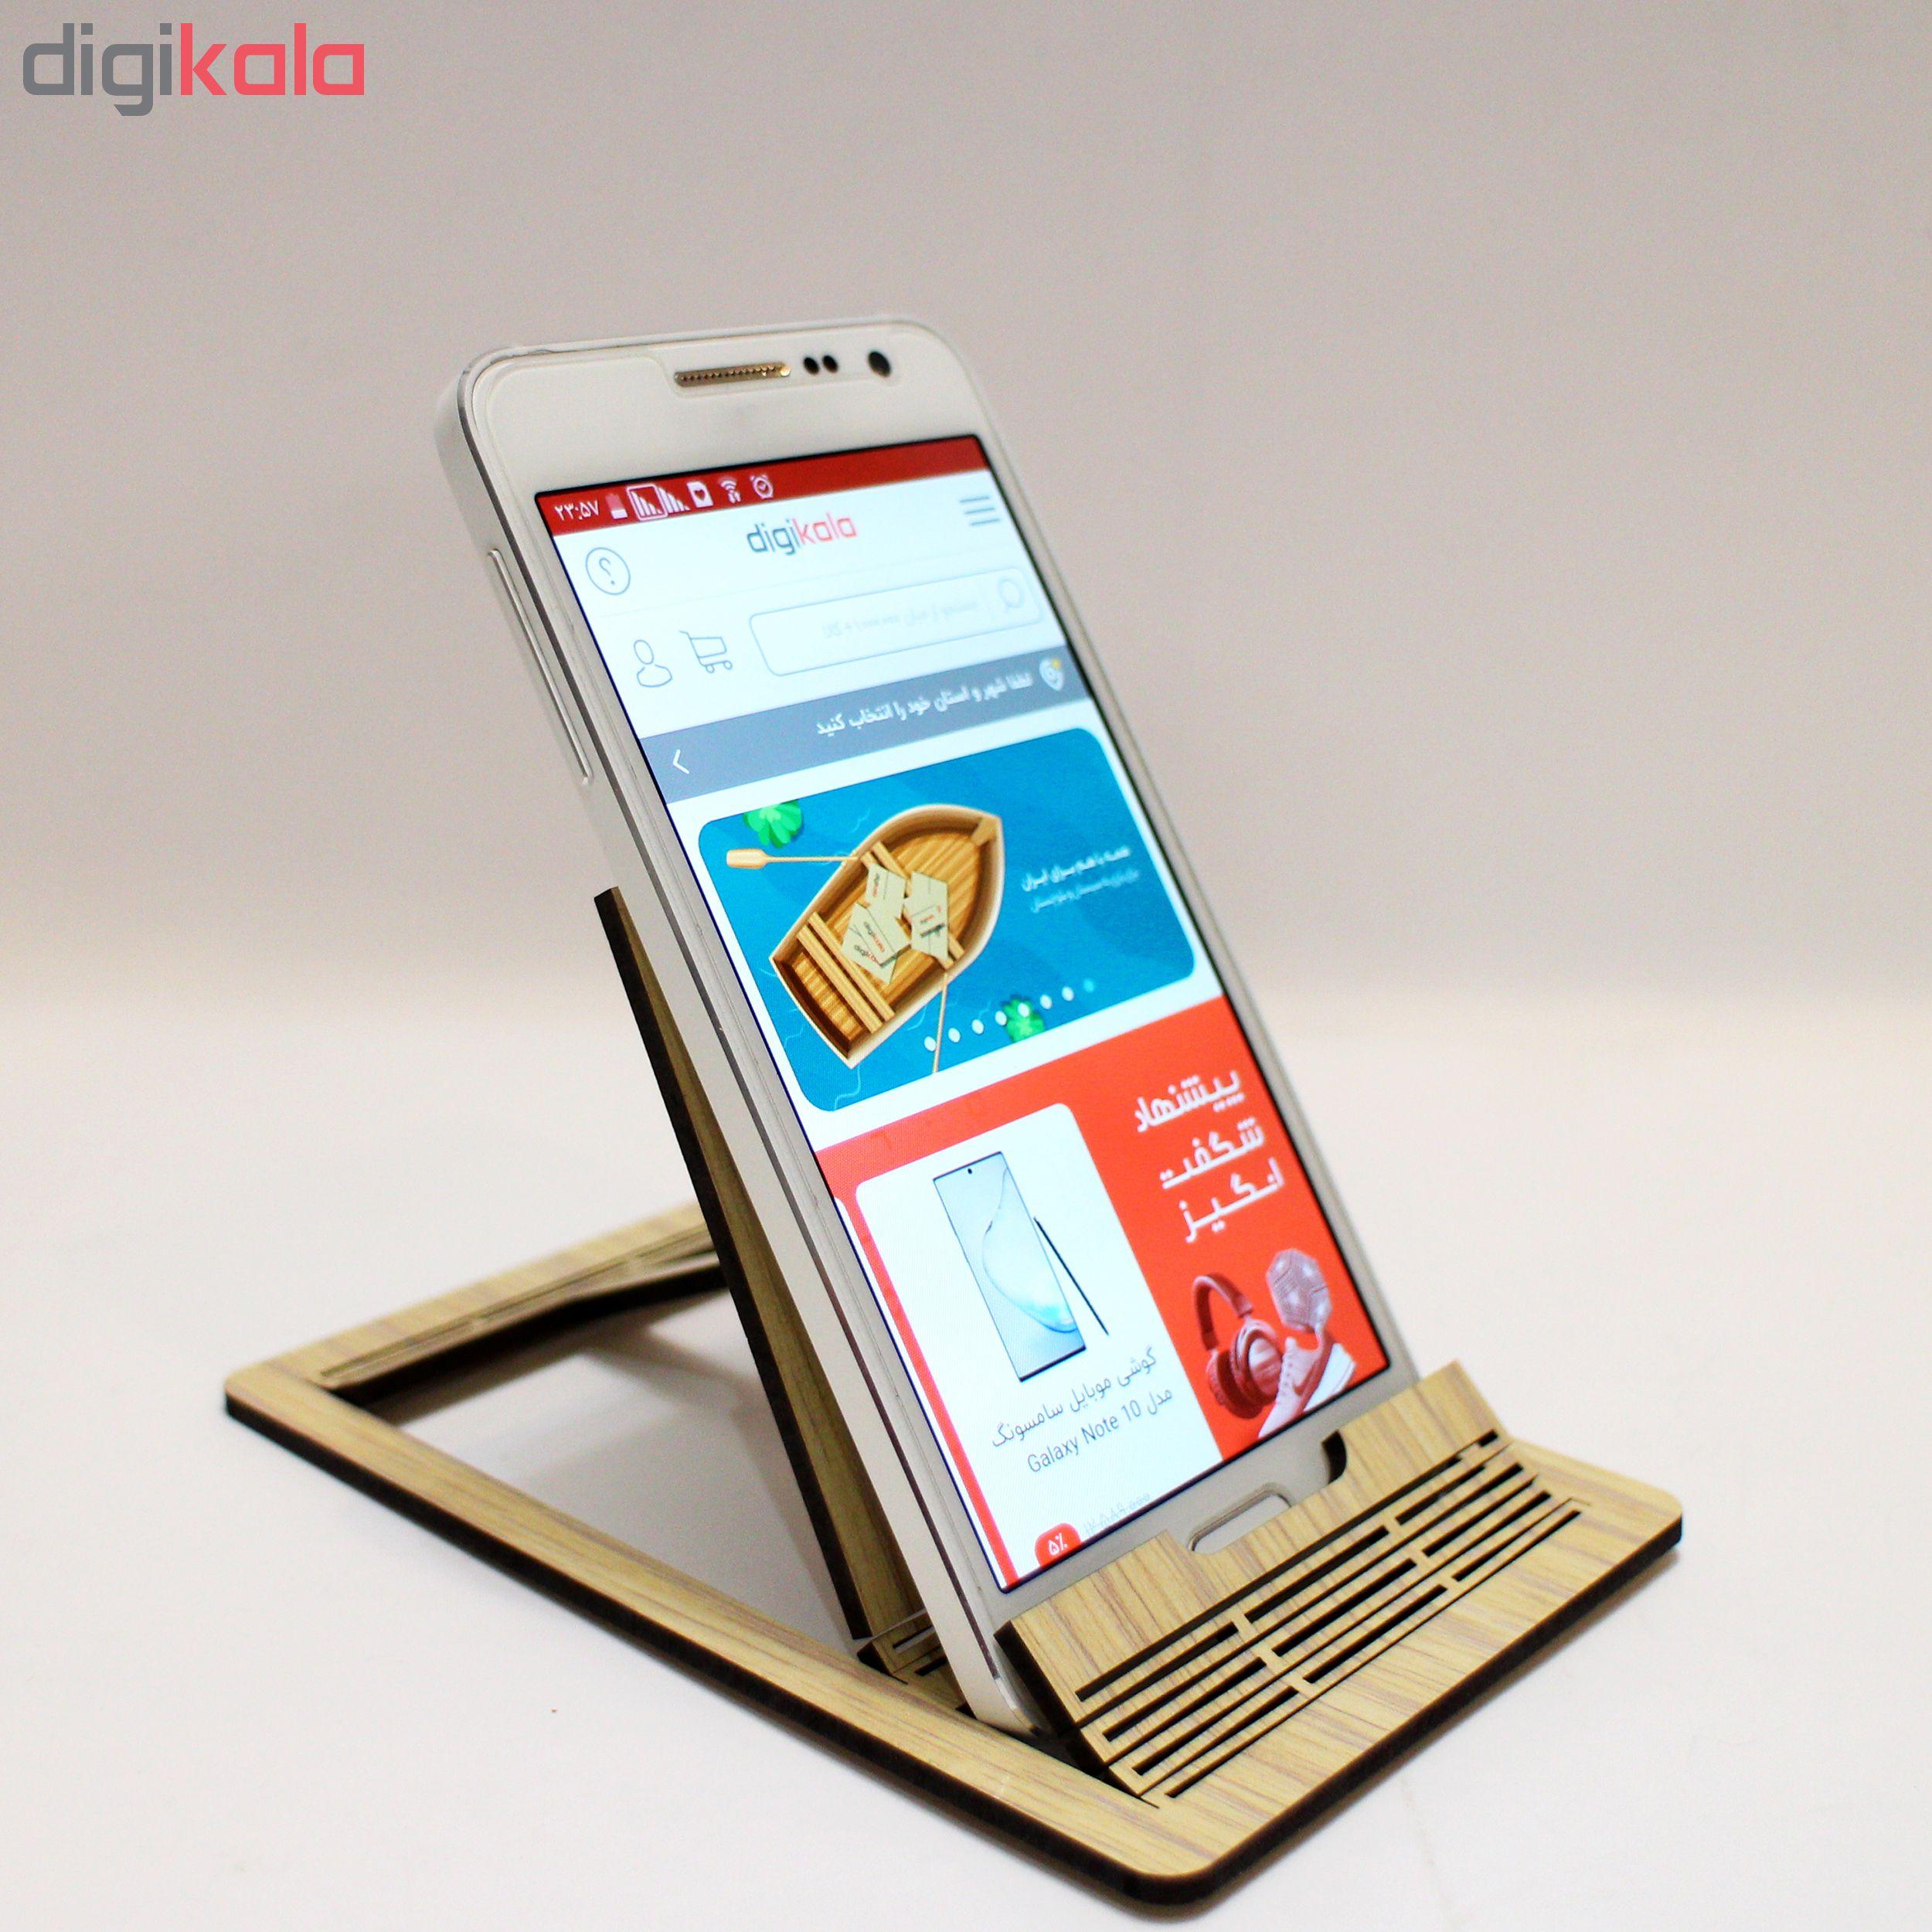 پایه نگهدارنده گوشی موبایل و تبلت وودی کد PS01 main 1 5